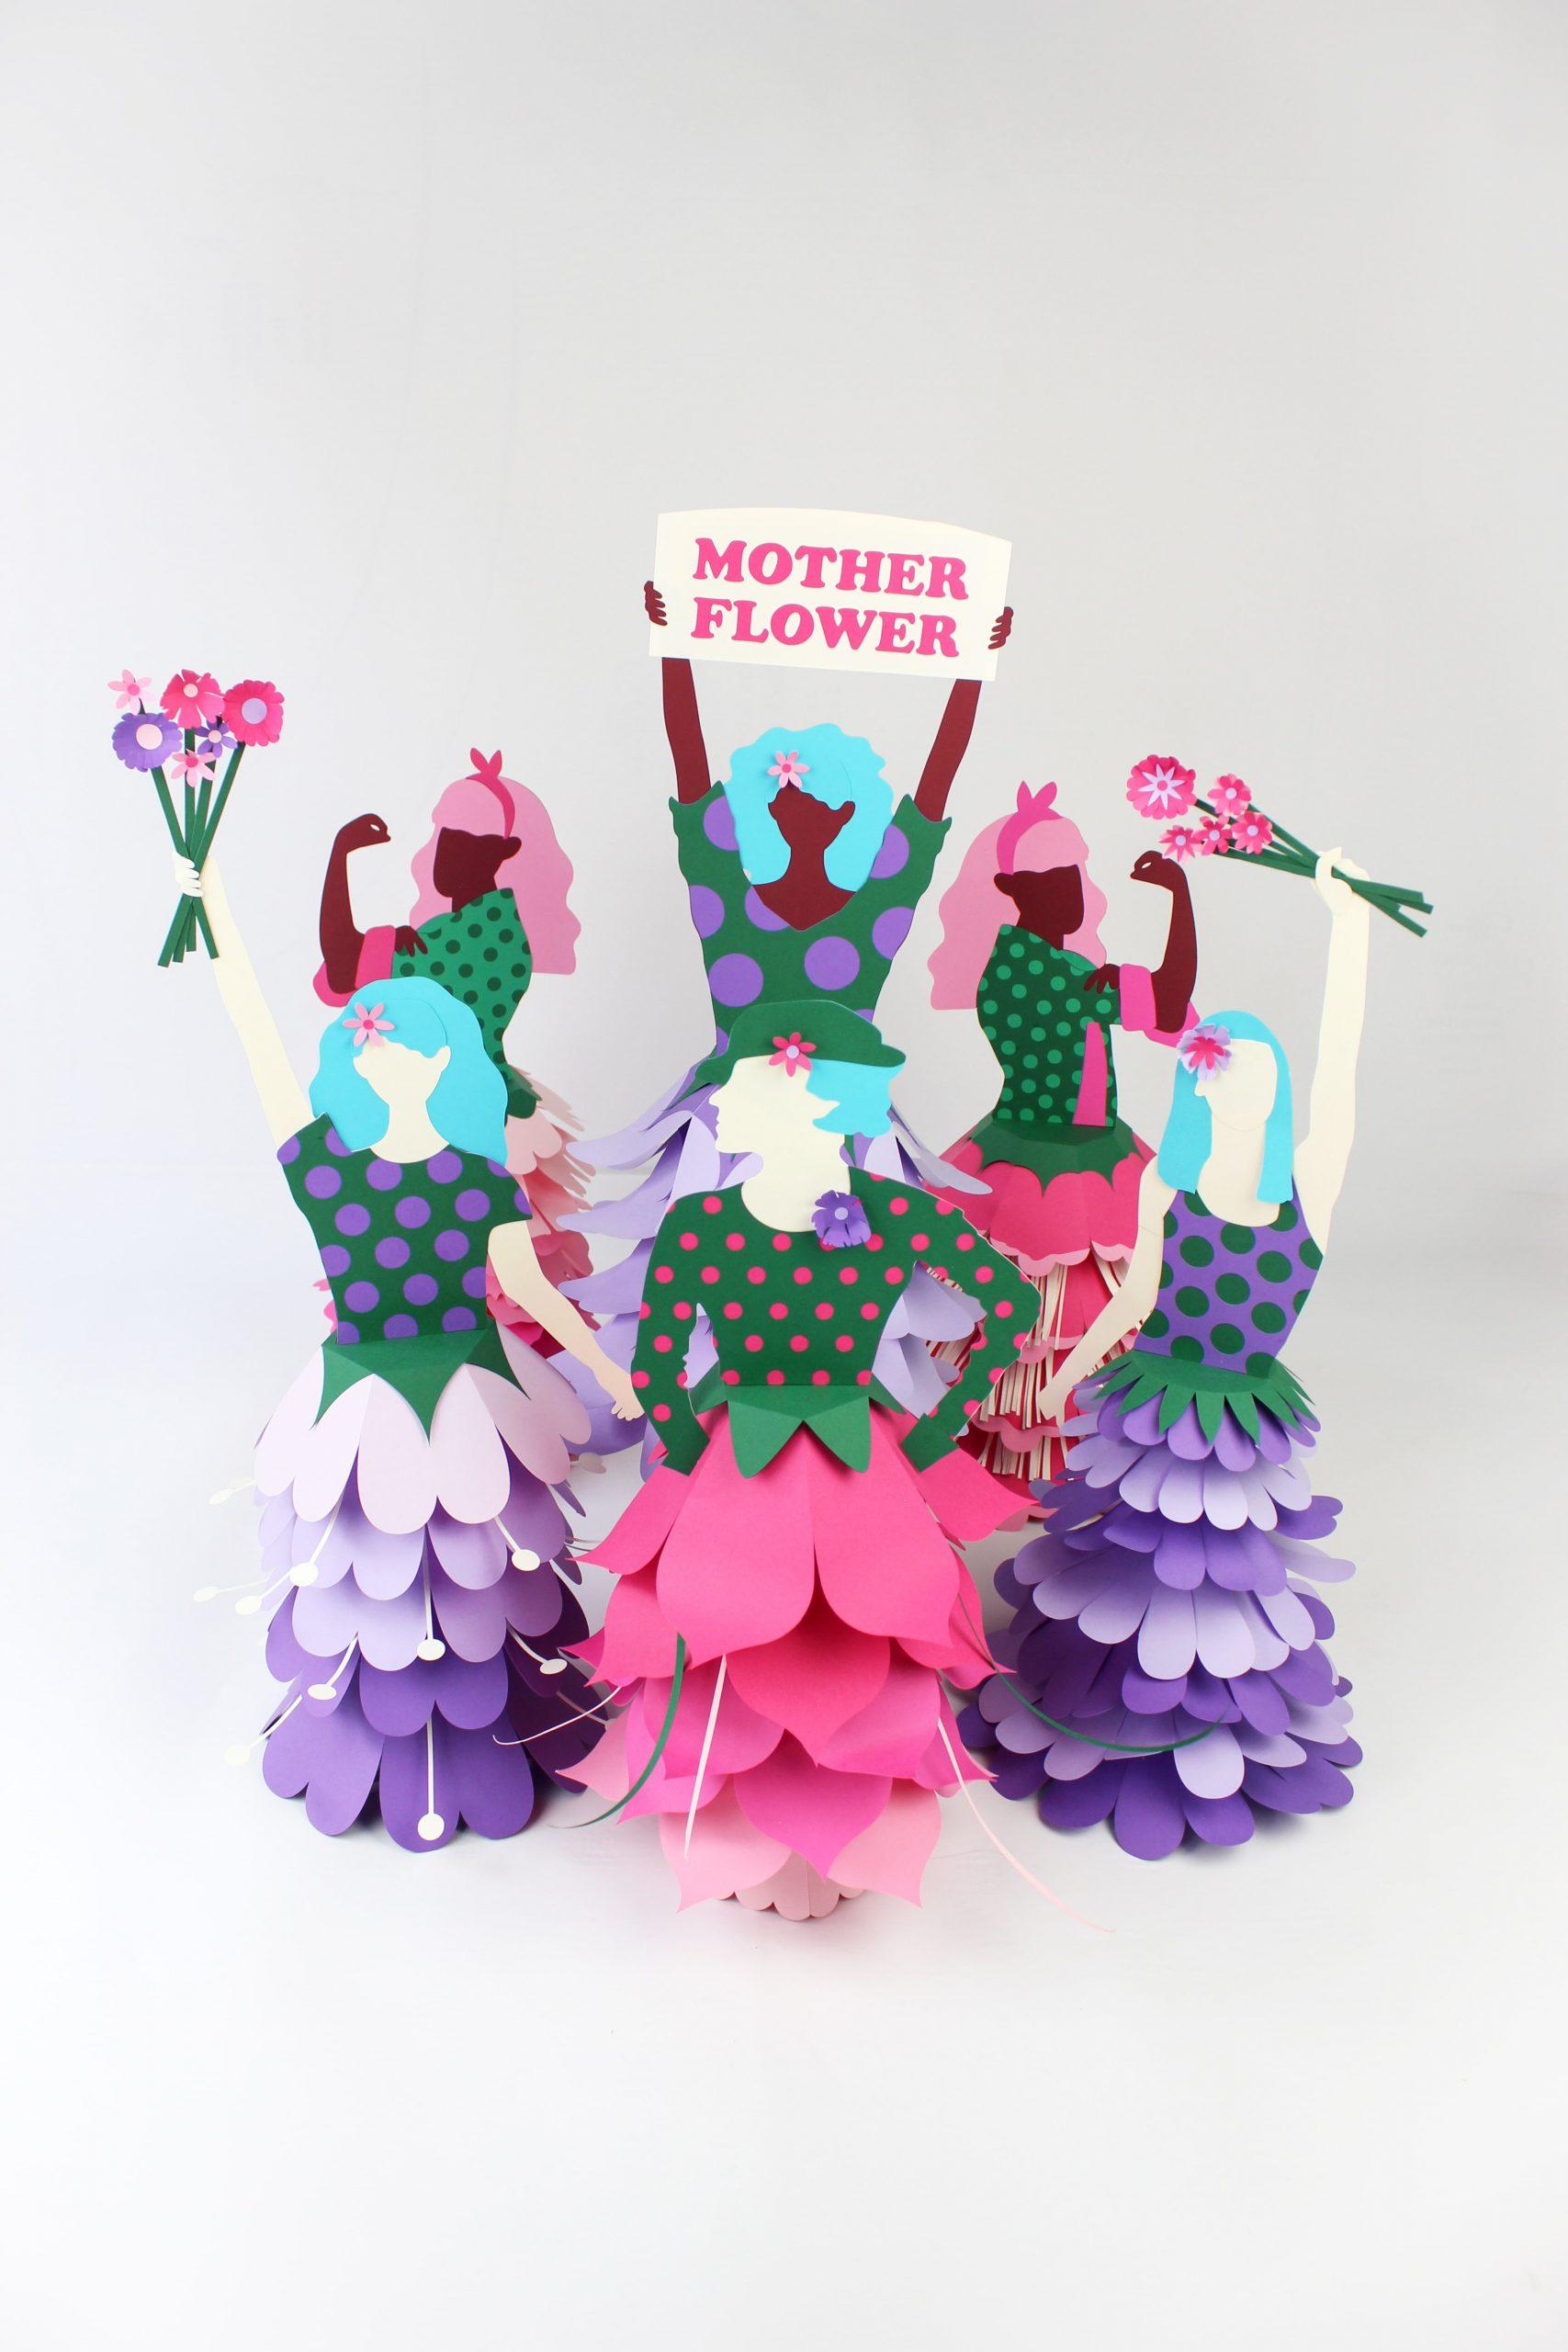 Vitrines fêtes des mères 2021